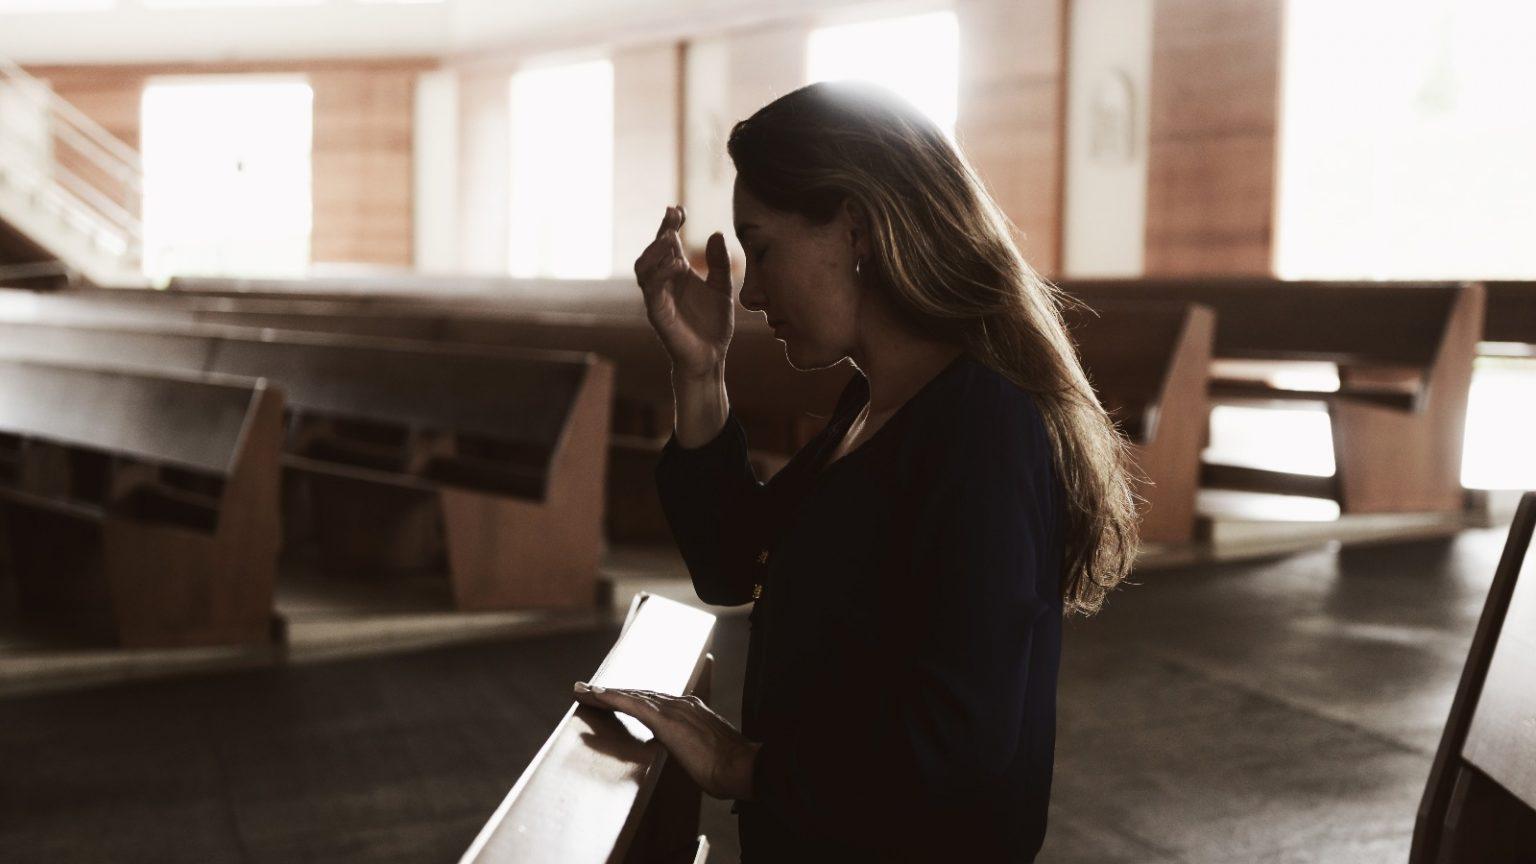 fé-oração-rezar-refletir-reflexão-igreja-sinal-da-cruz-meditar-esperança-Rosiane-Foto_-Wesley-Almeida-1536x864.jpg